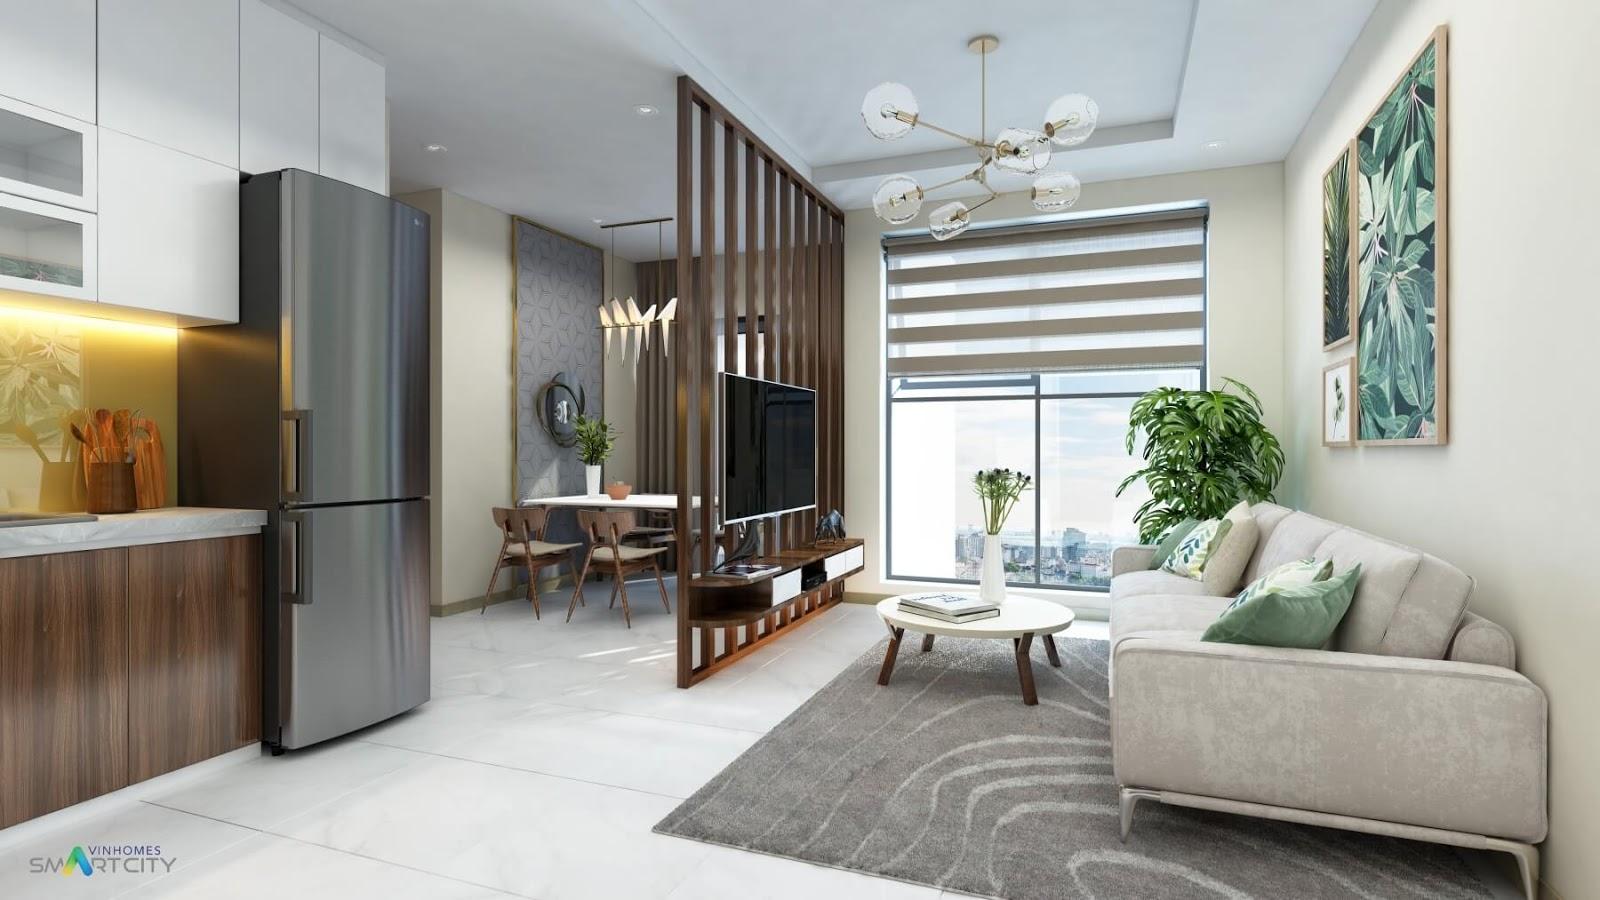 Thiết kế nội thất căn hộ đẳng cấp Vinhomes Tây Mỗ - Đại Mỗ